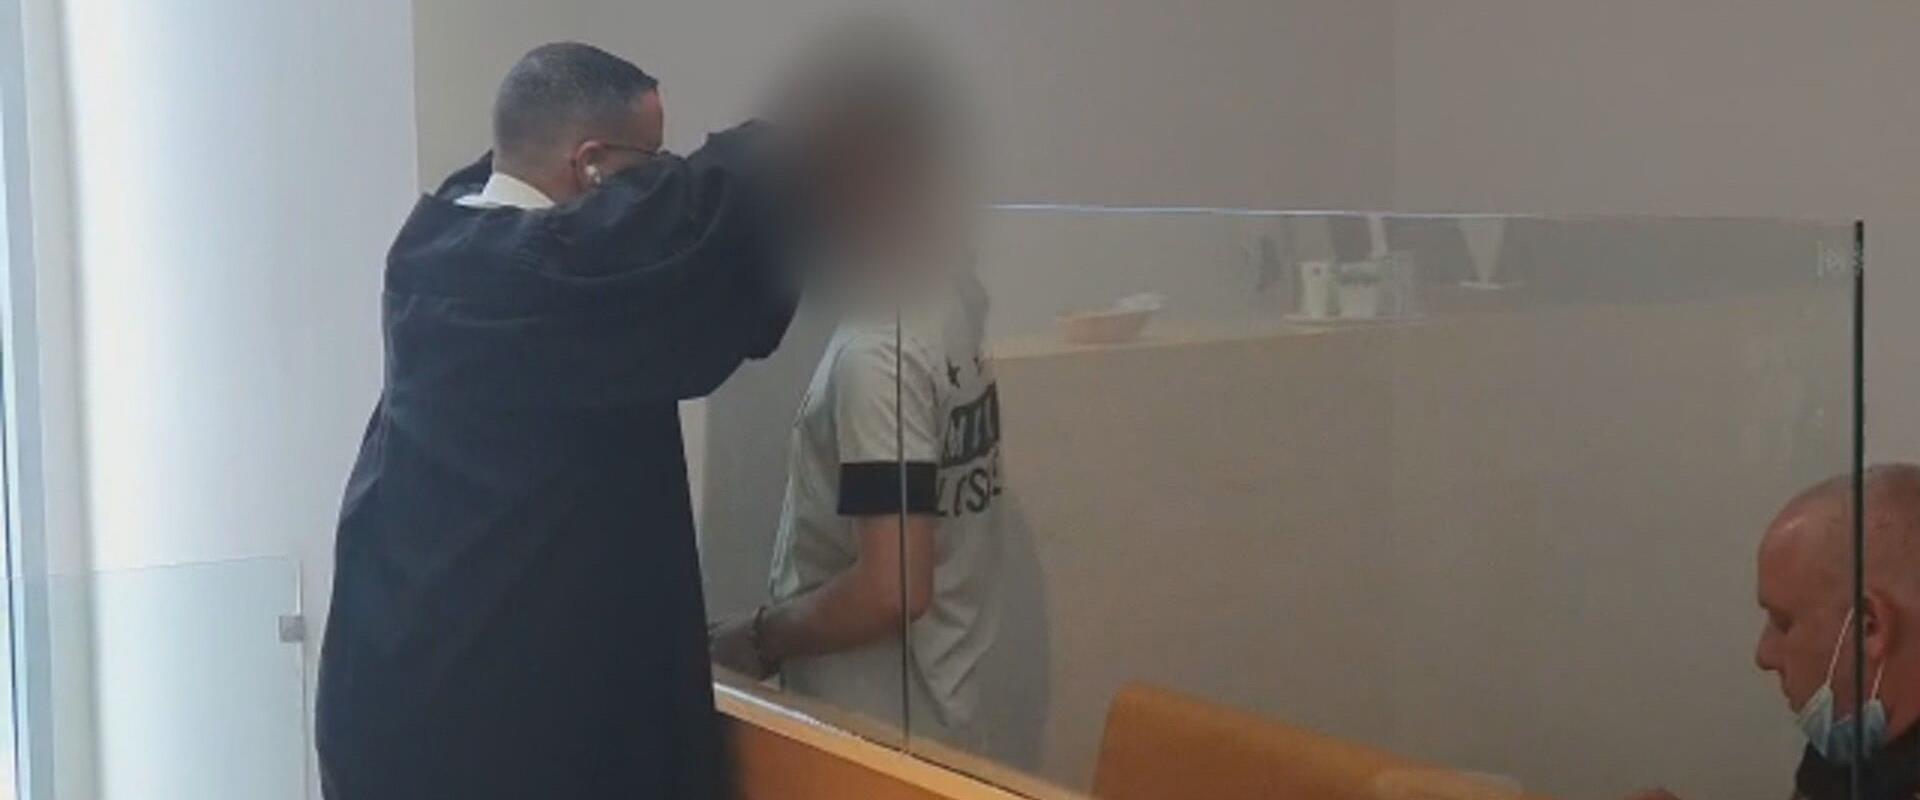 החשוד בבית המשפט, ארכיון